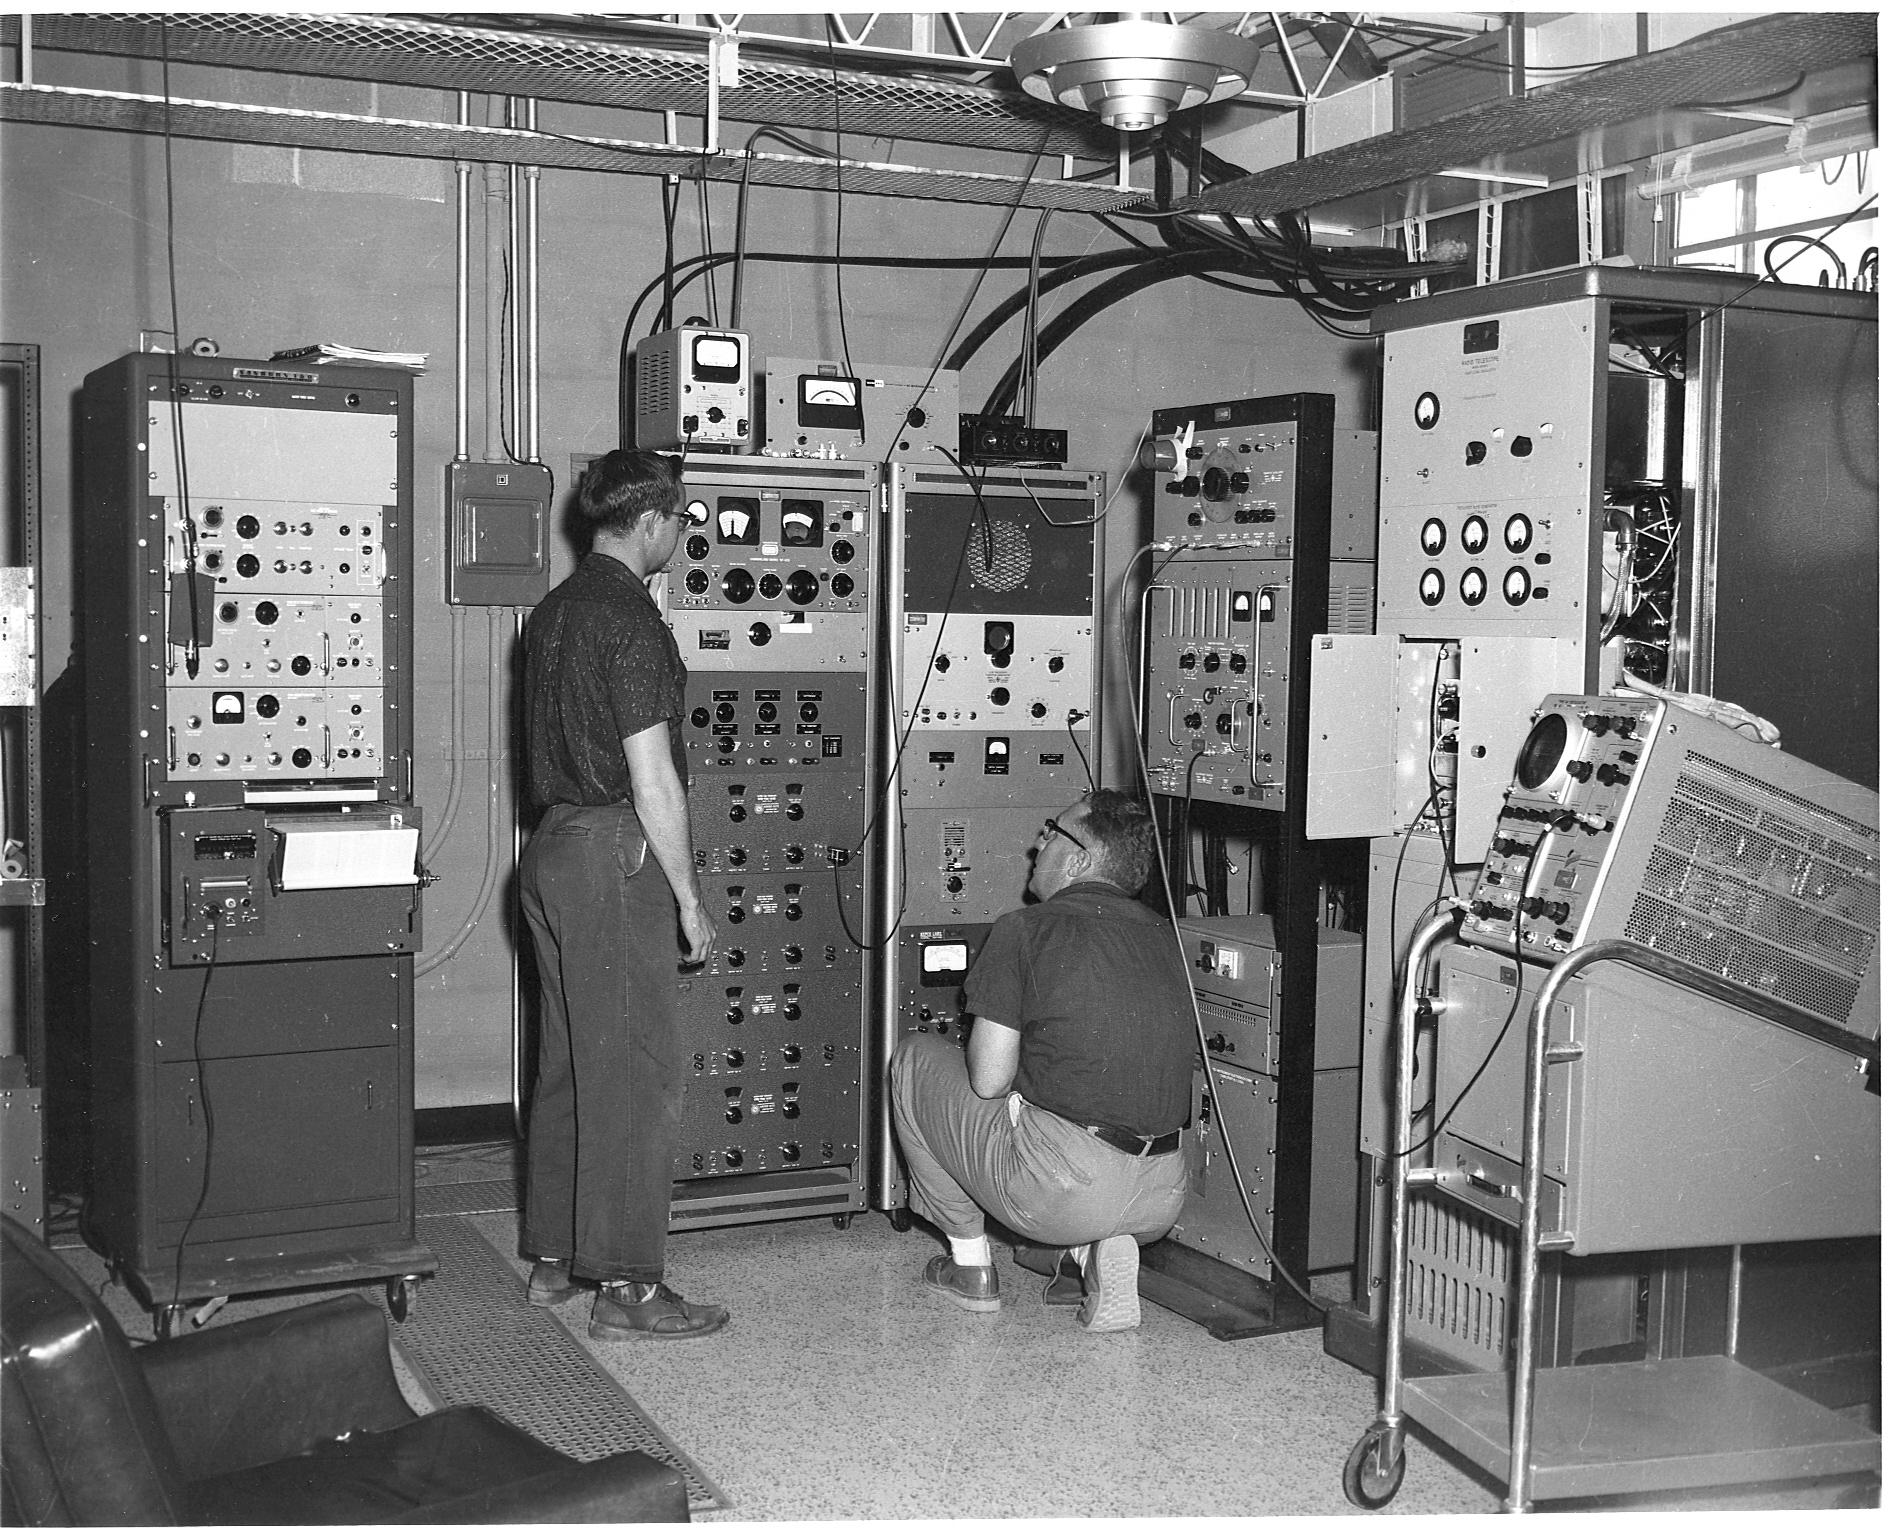 85 Foot Control Room, 1960